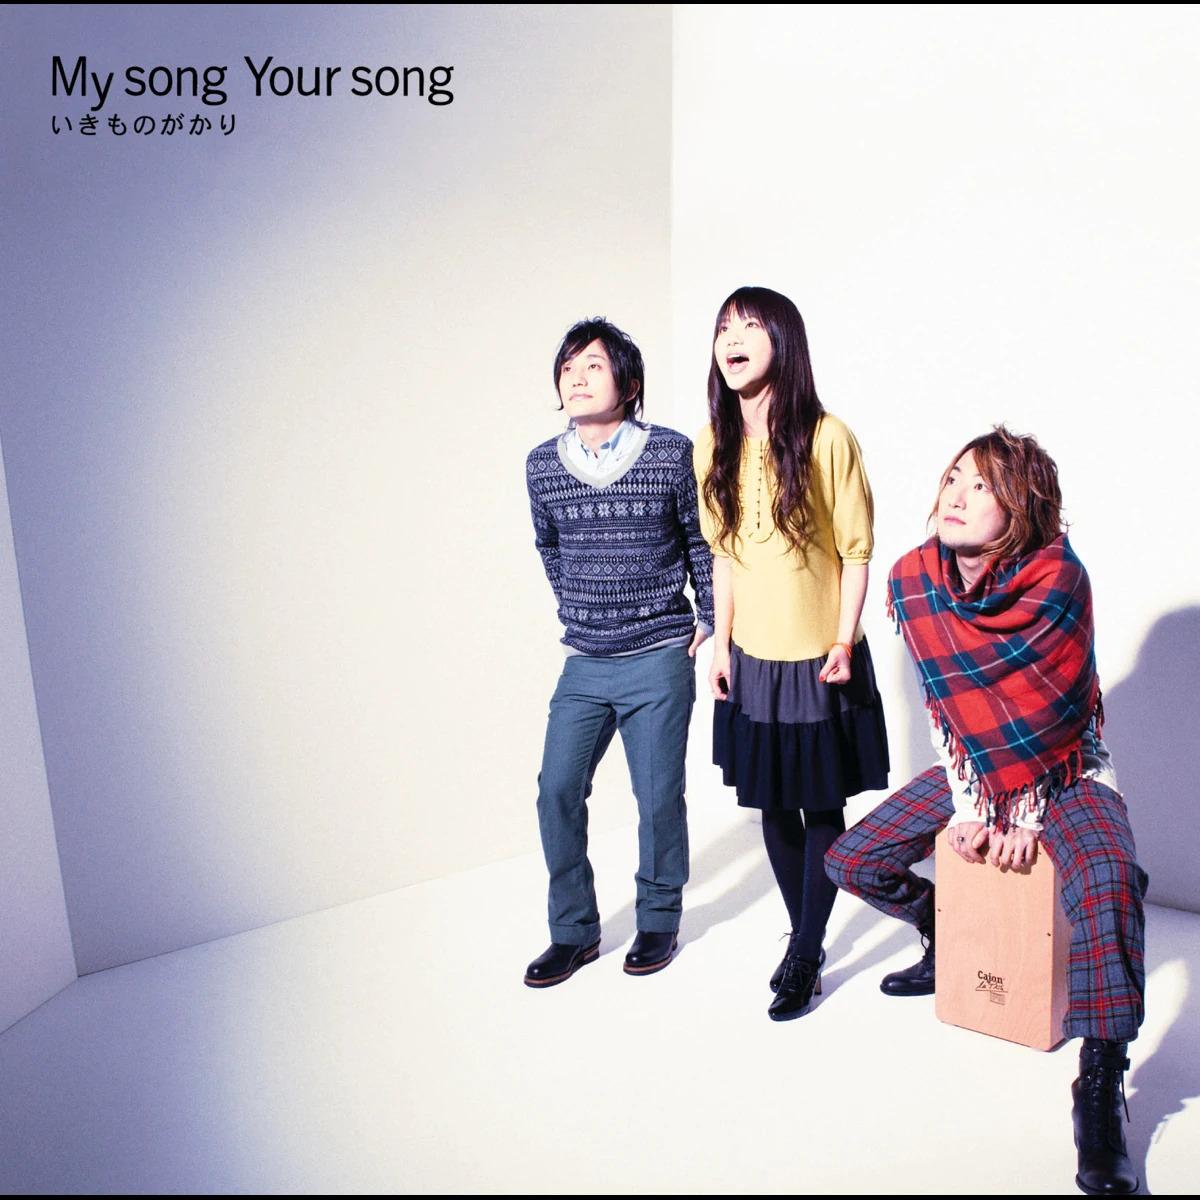 『いきものがかり - ブルーバード』収録の『My song Your song』ジャケット